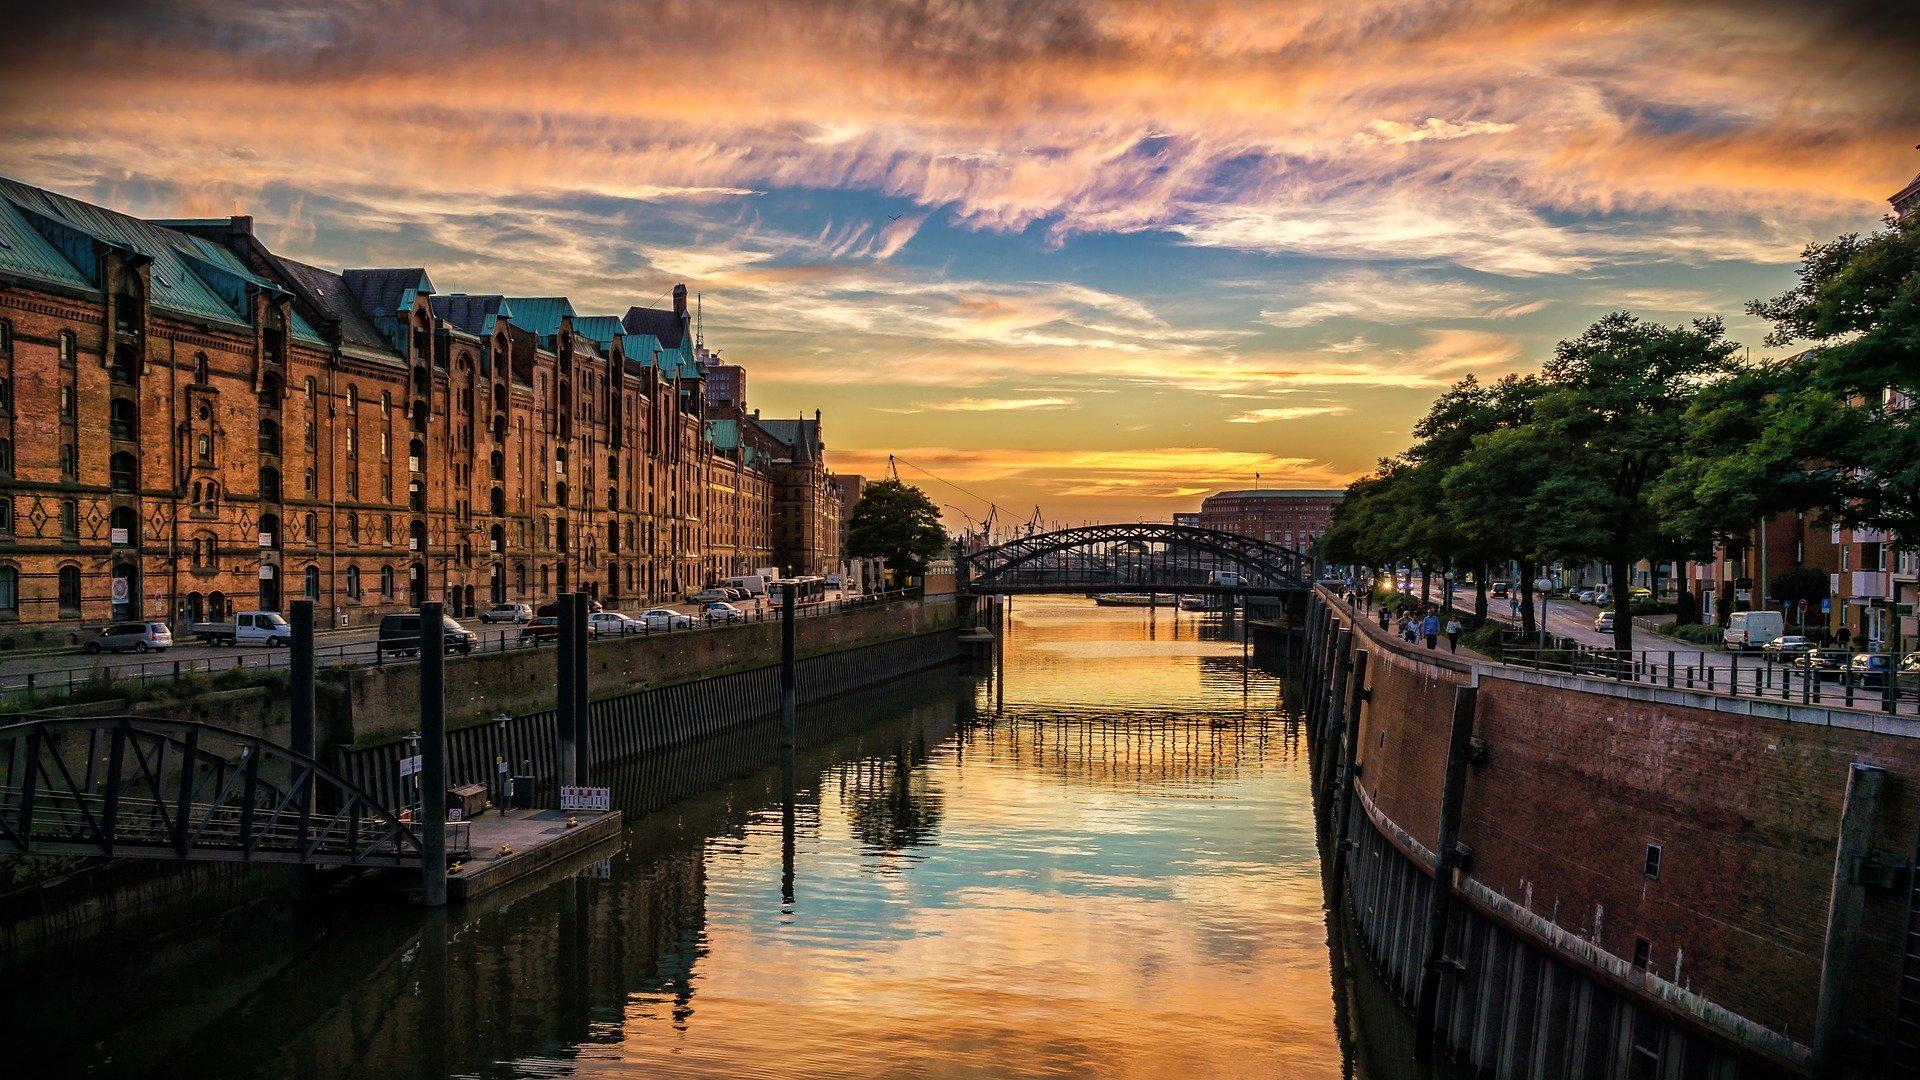 Miete oder Kauf in Hamburg? Hausbruch im Fokus